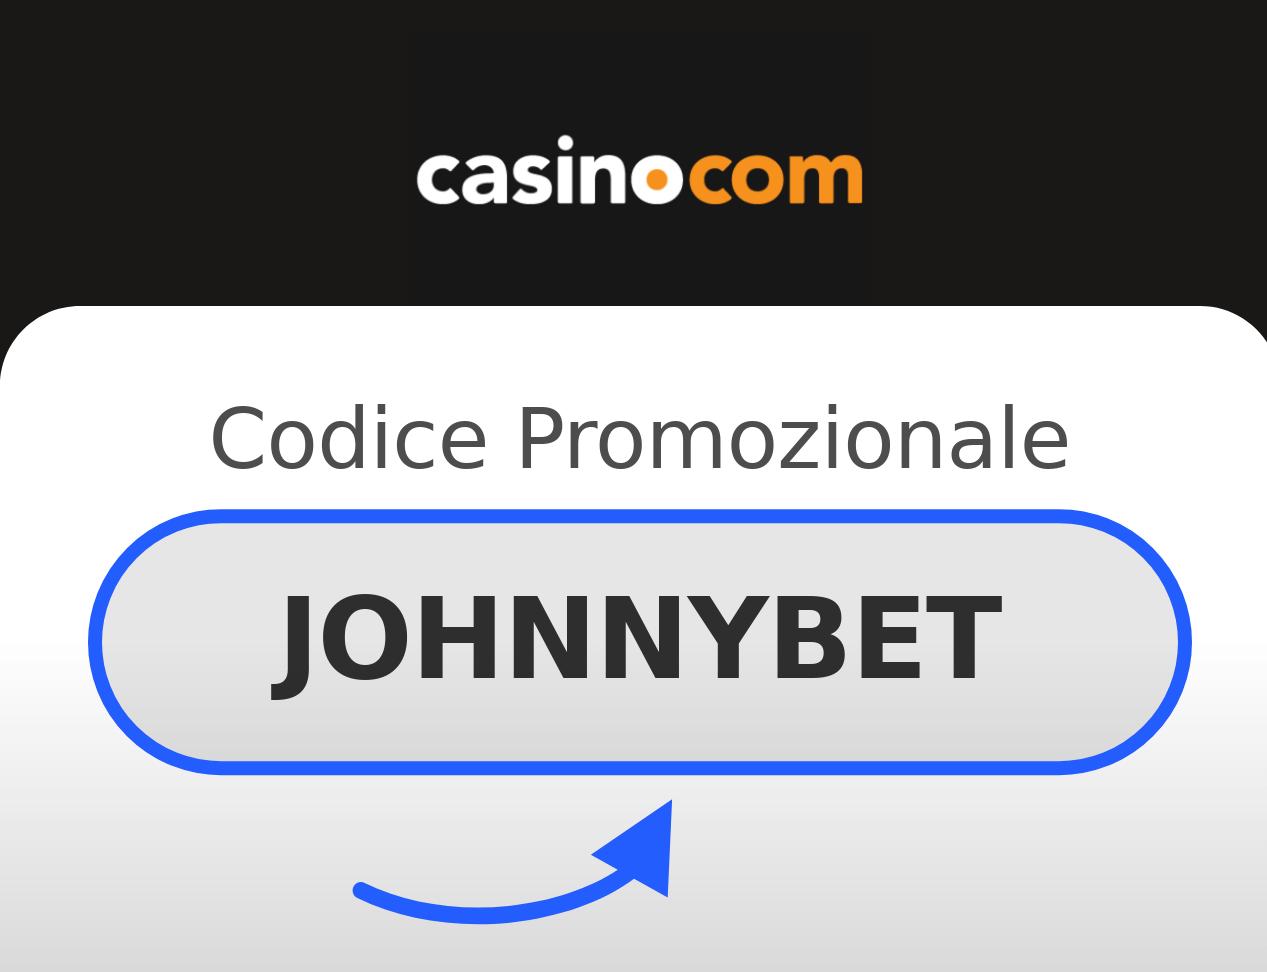 Codice Promozionale Casino.com